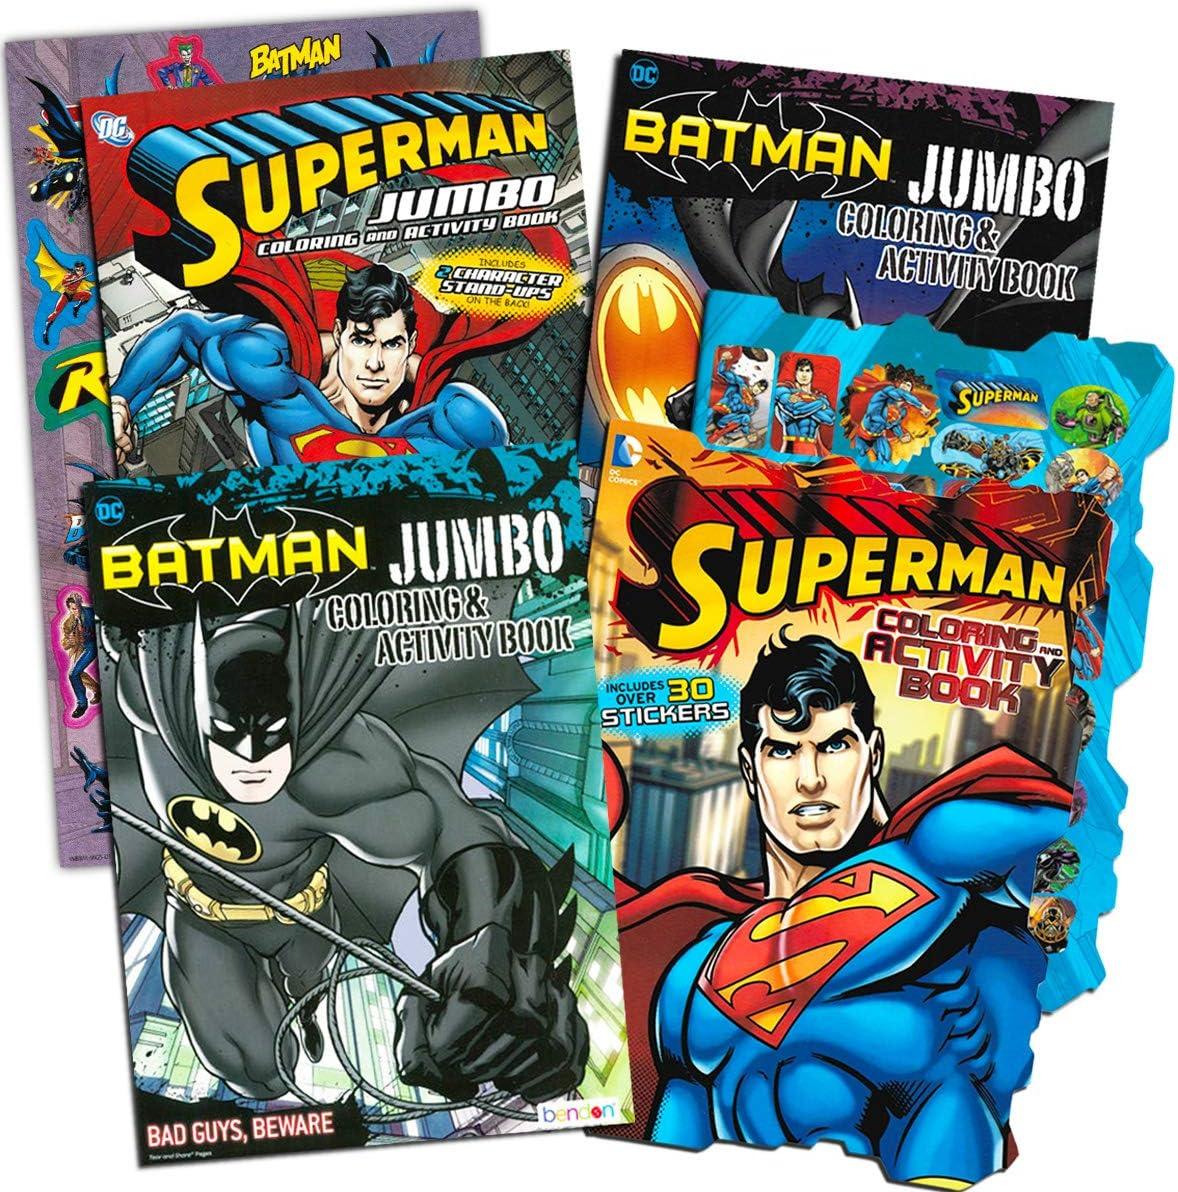 - Amazon.com: Justice League Batman And Superman Coloring Book Super